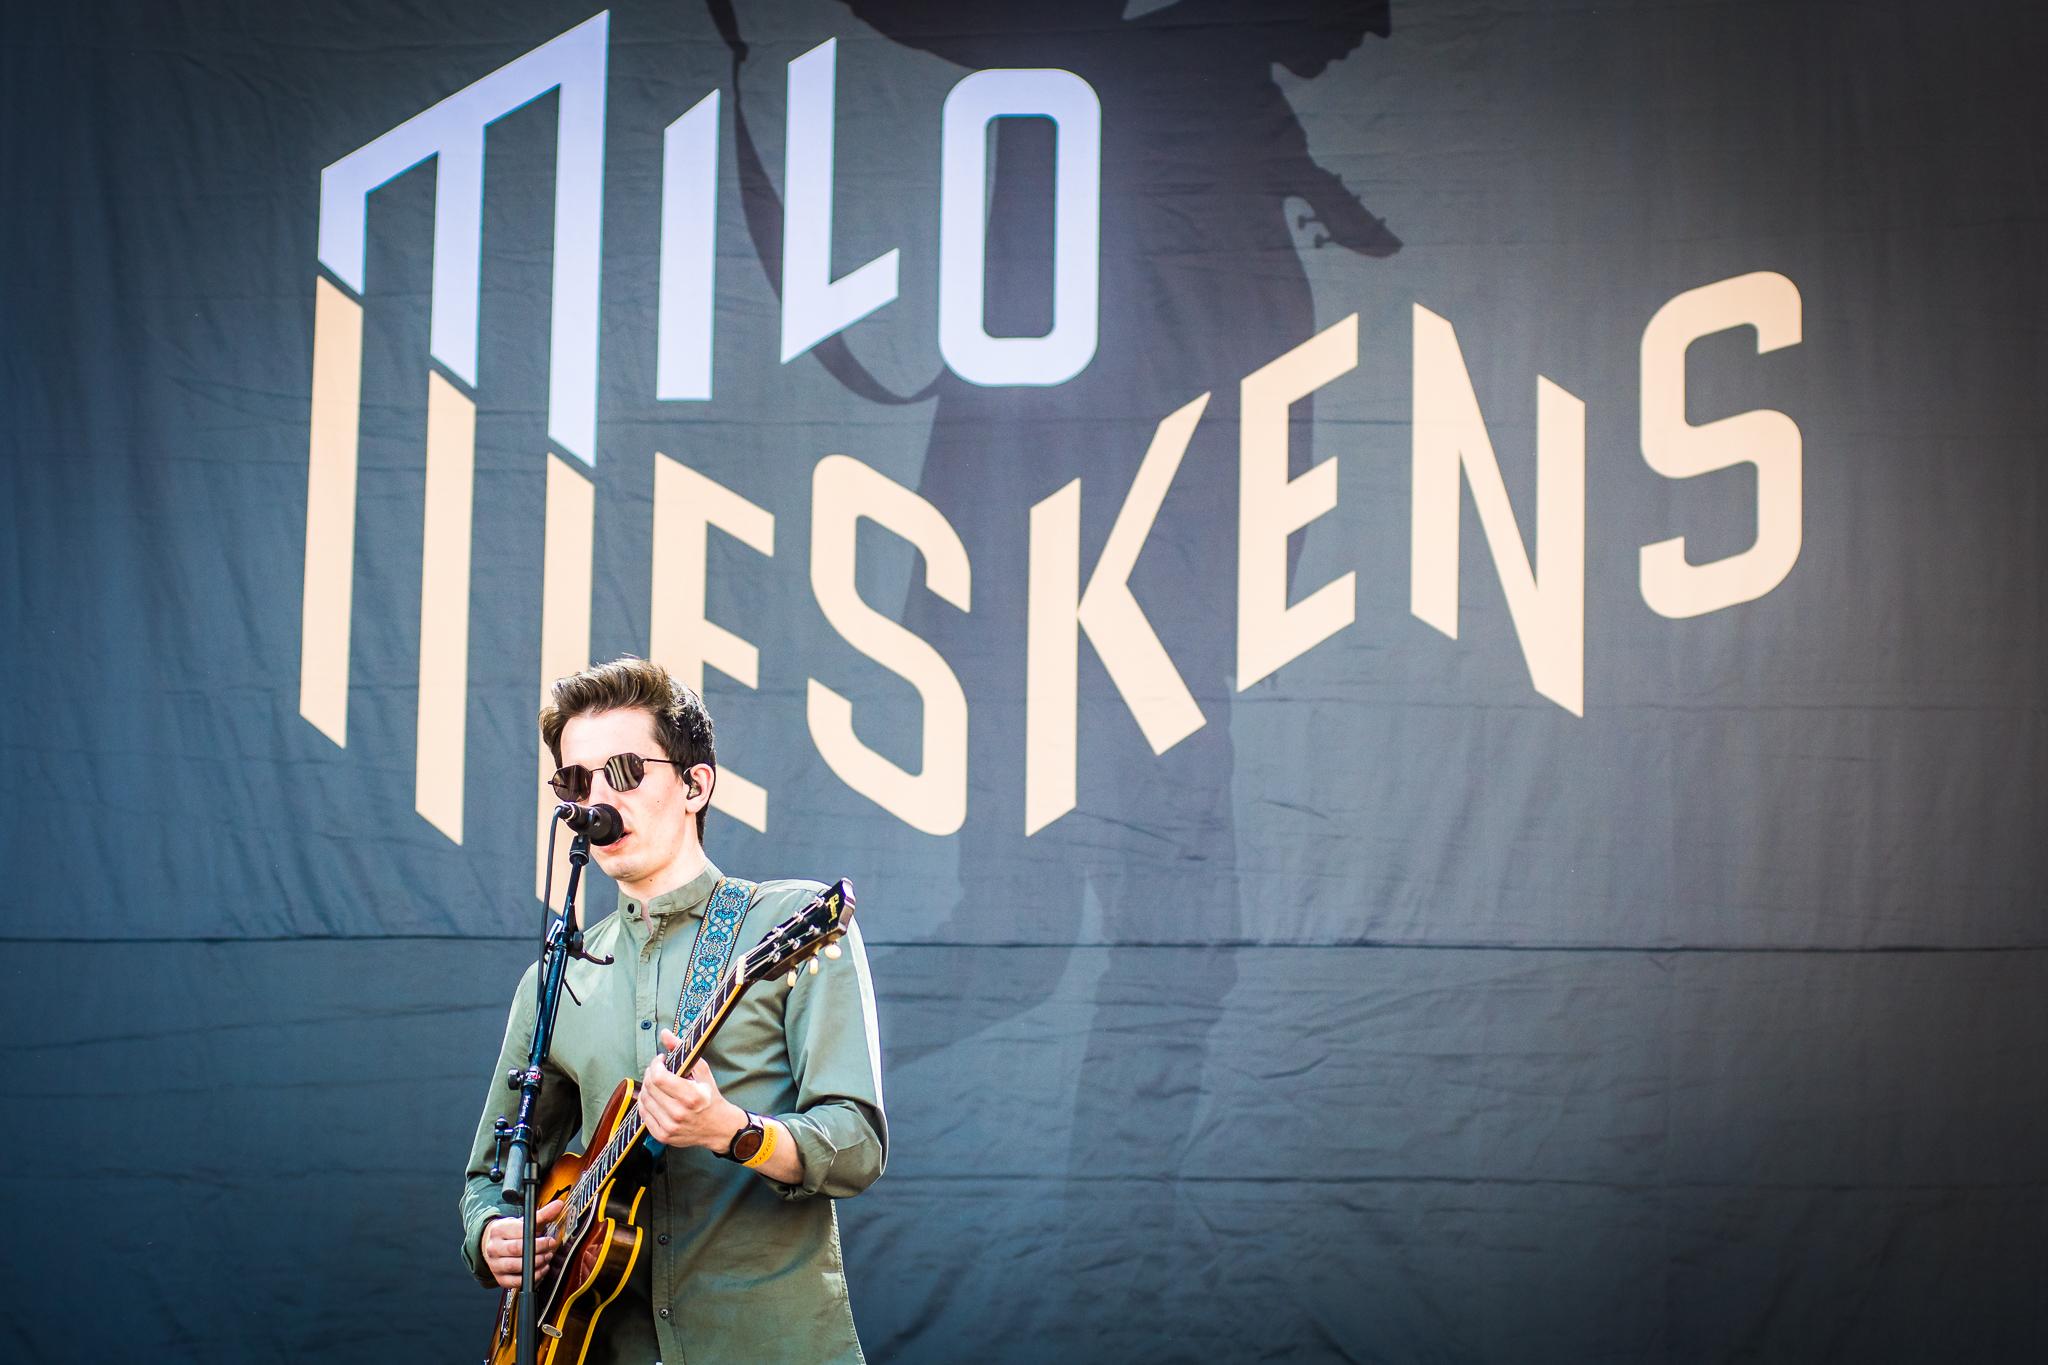 Milo Meskens @ Suikerrock 2018 (© Timmy Haubrechts)